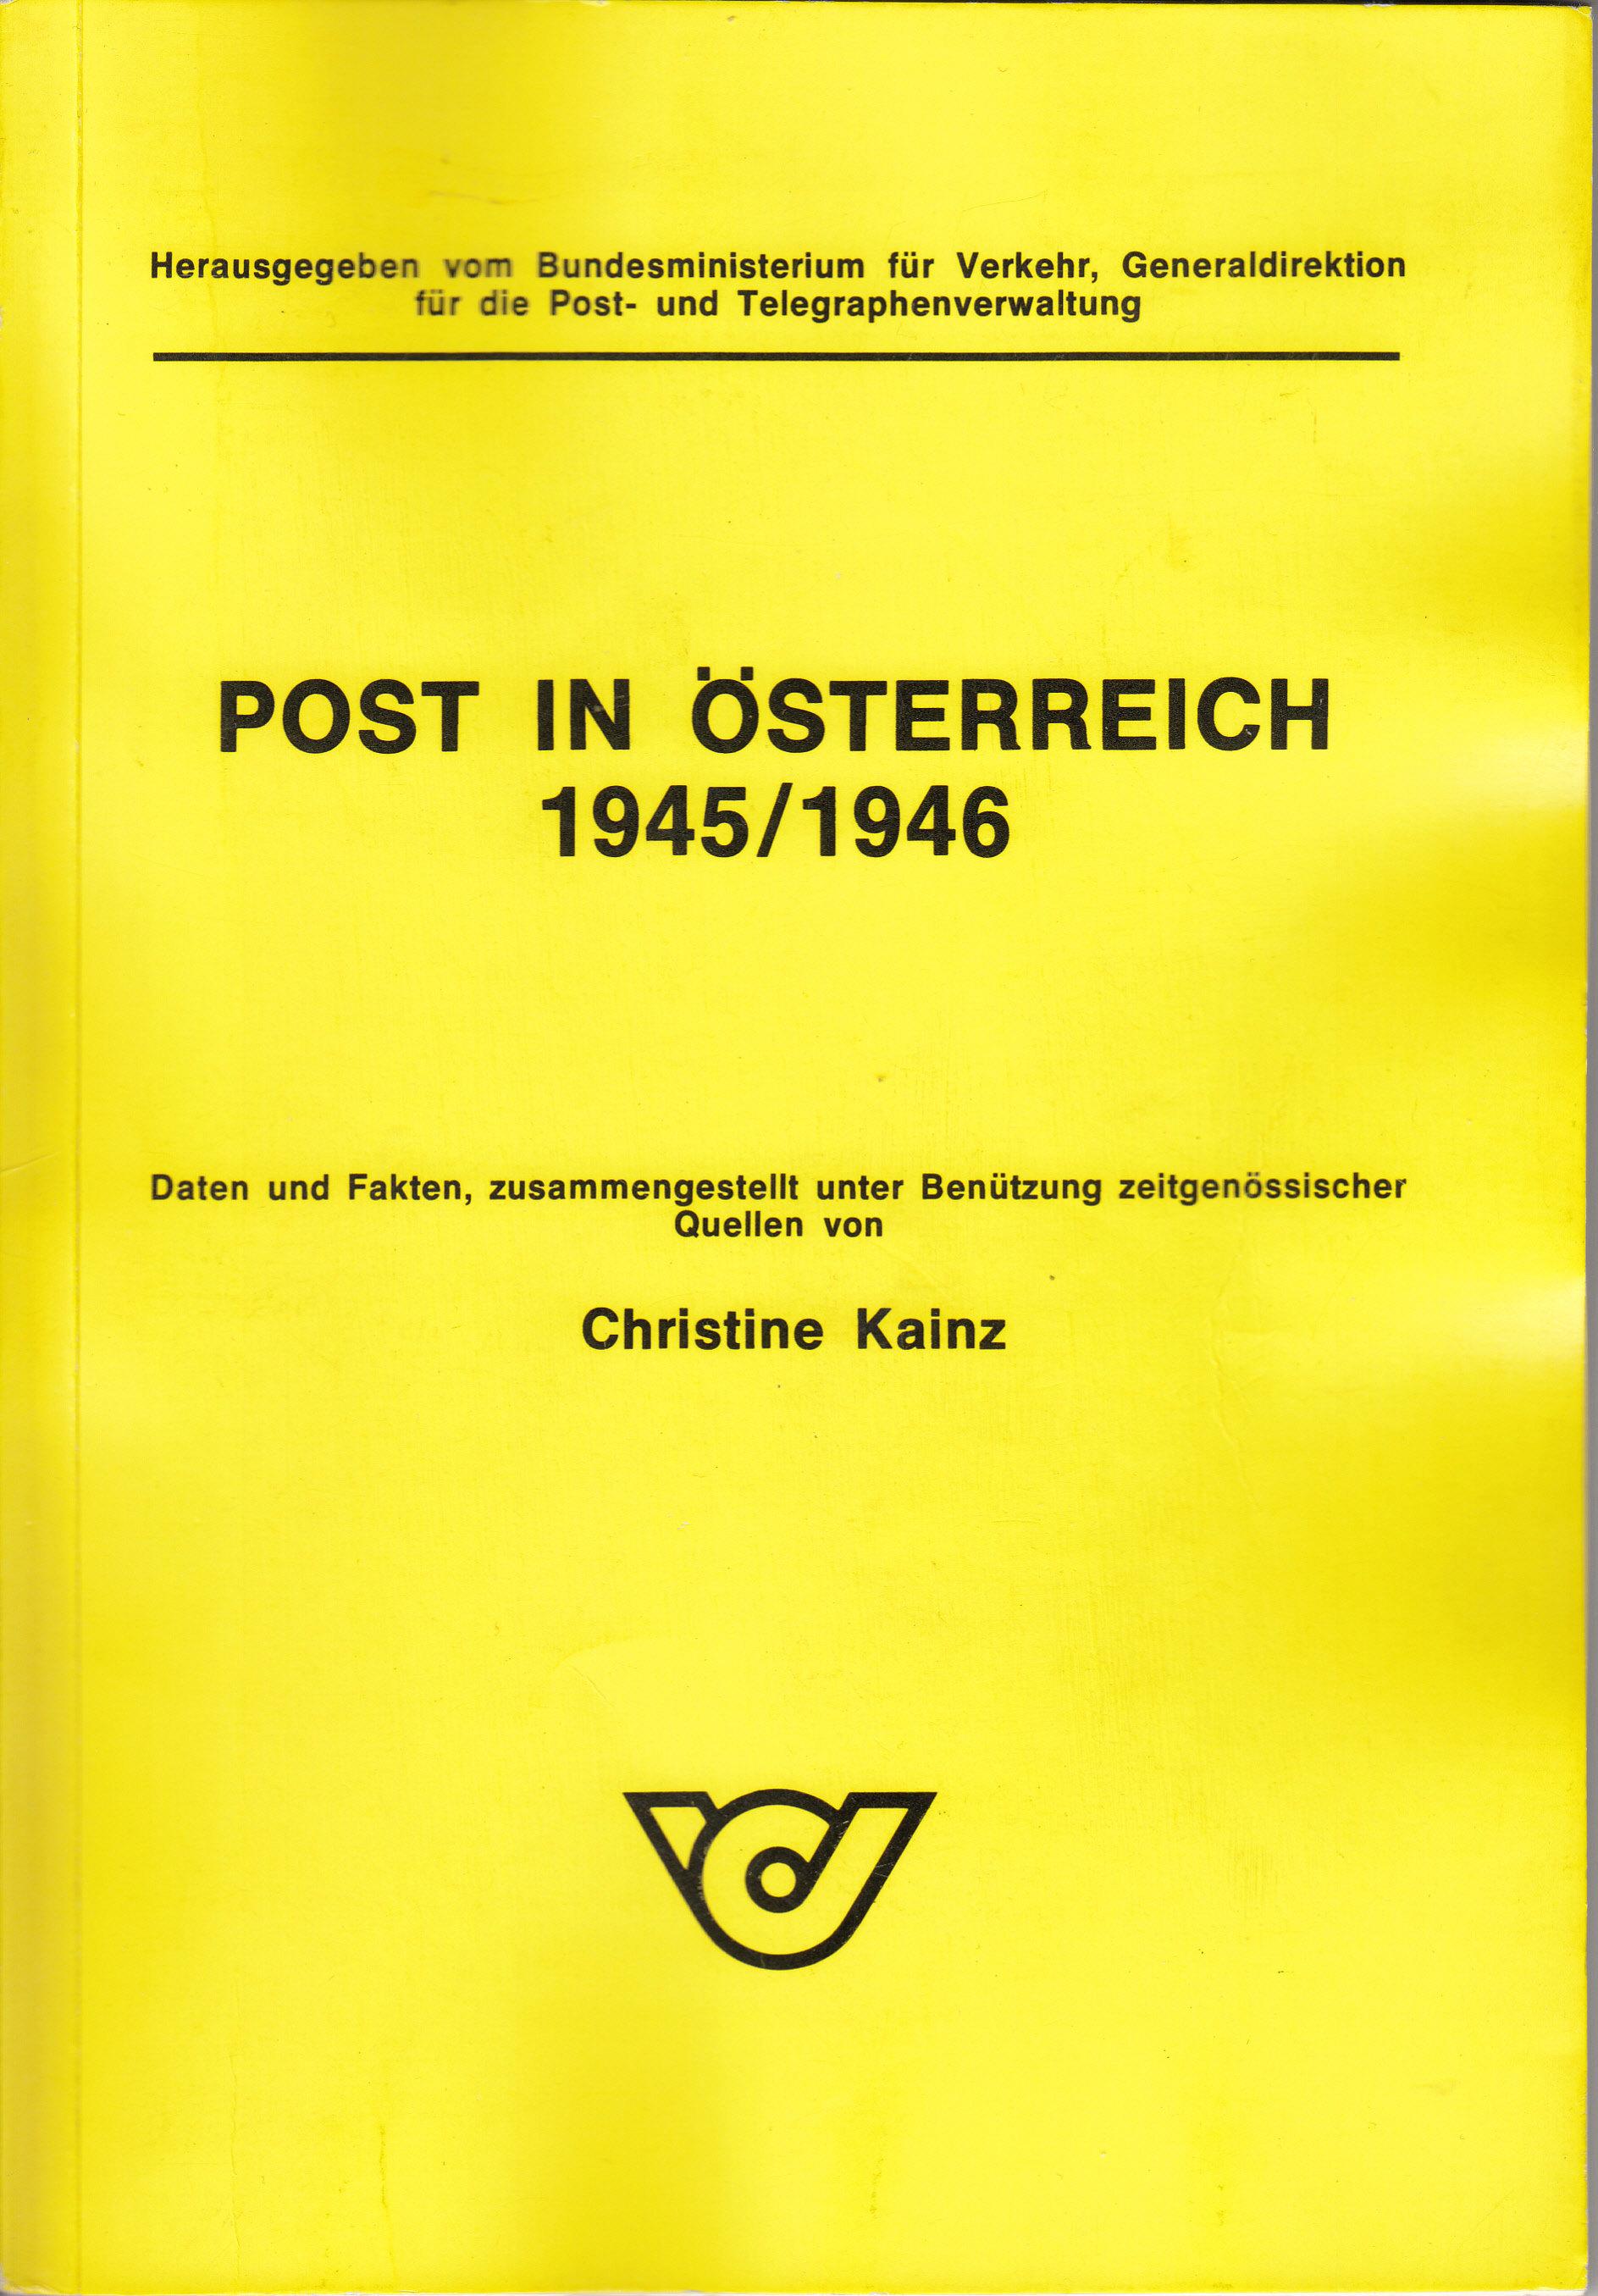 Nachtrag - Die Büchersammlungen der Forumsmitglieder - Seite 9 Img_0286